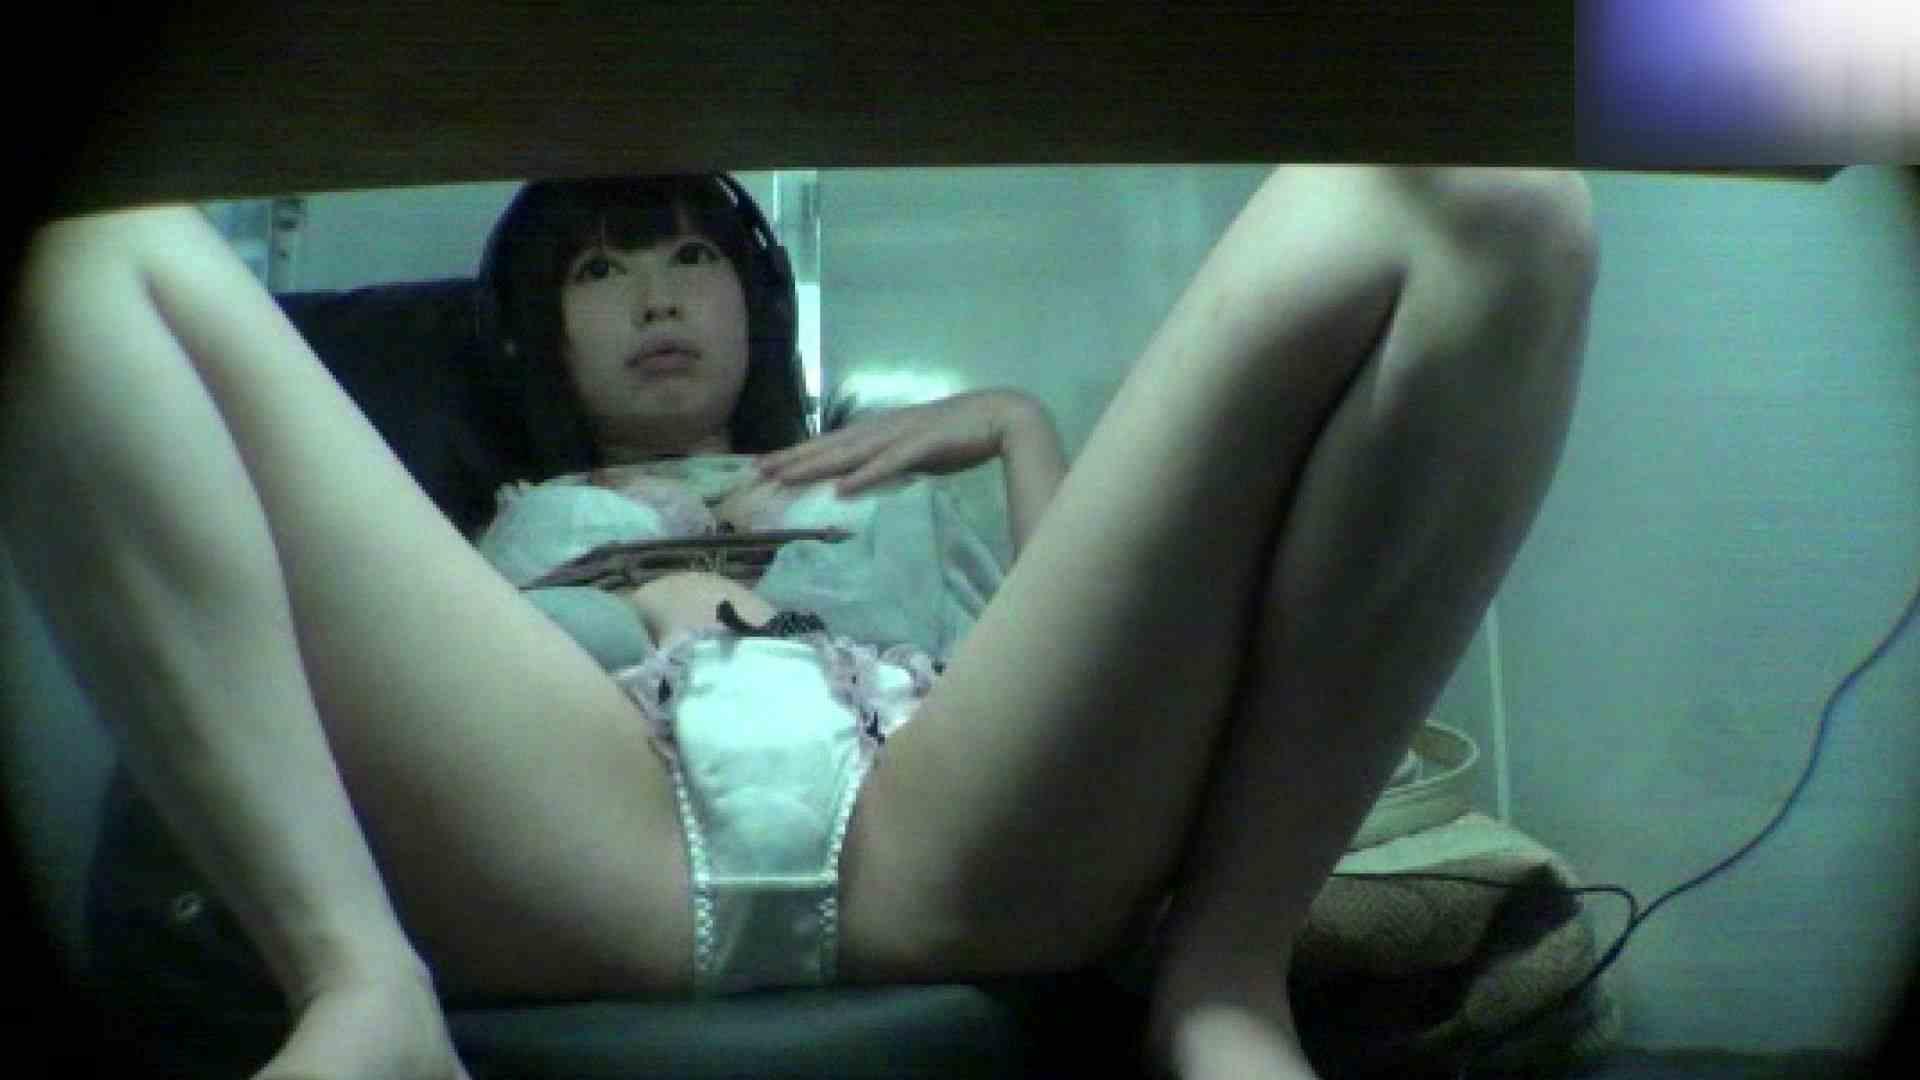 いつどこでオナニーしたっていいじゃない Vol.24 美しいOLの裸体 ヌード画像 89pic 65